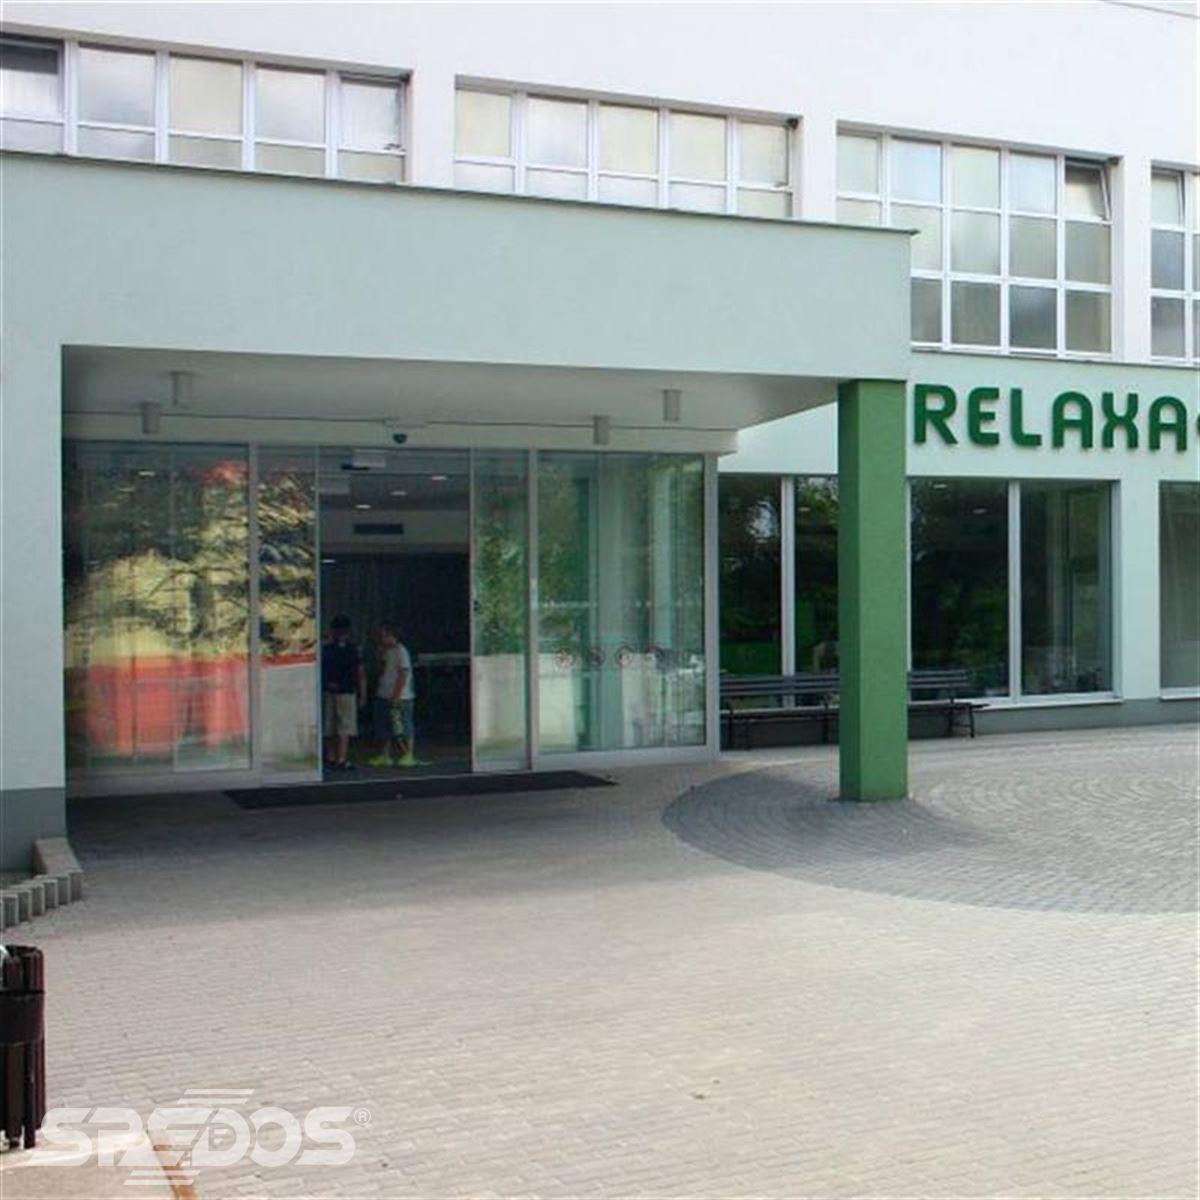 budova relaxačního centra s dveřmi Spedos